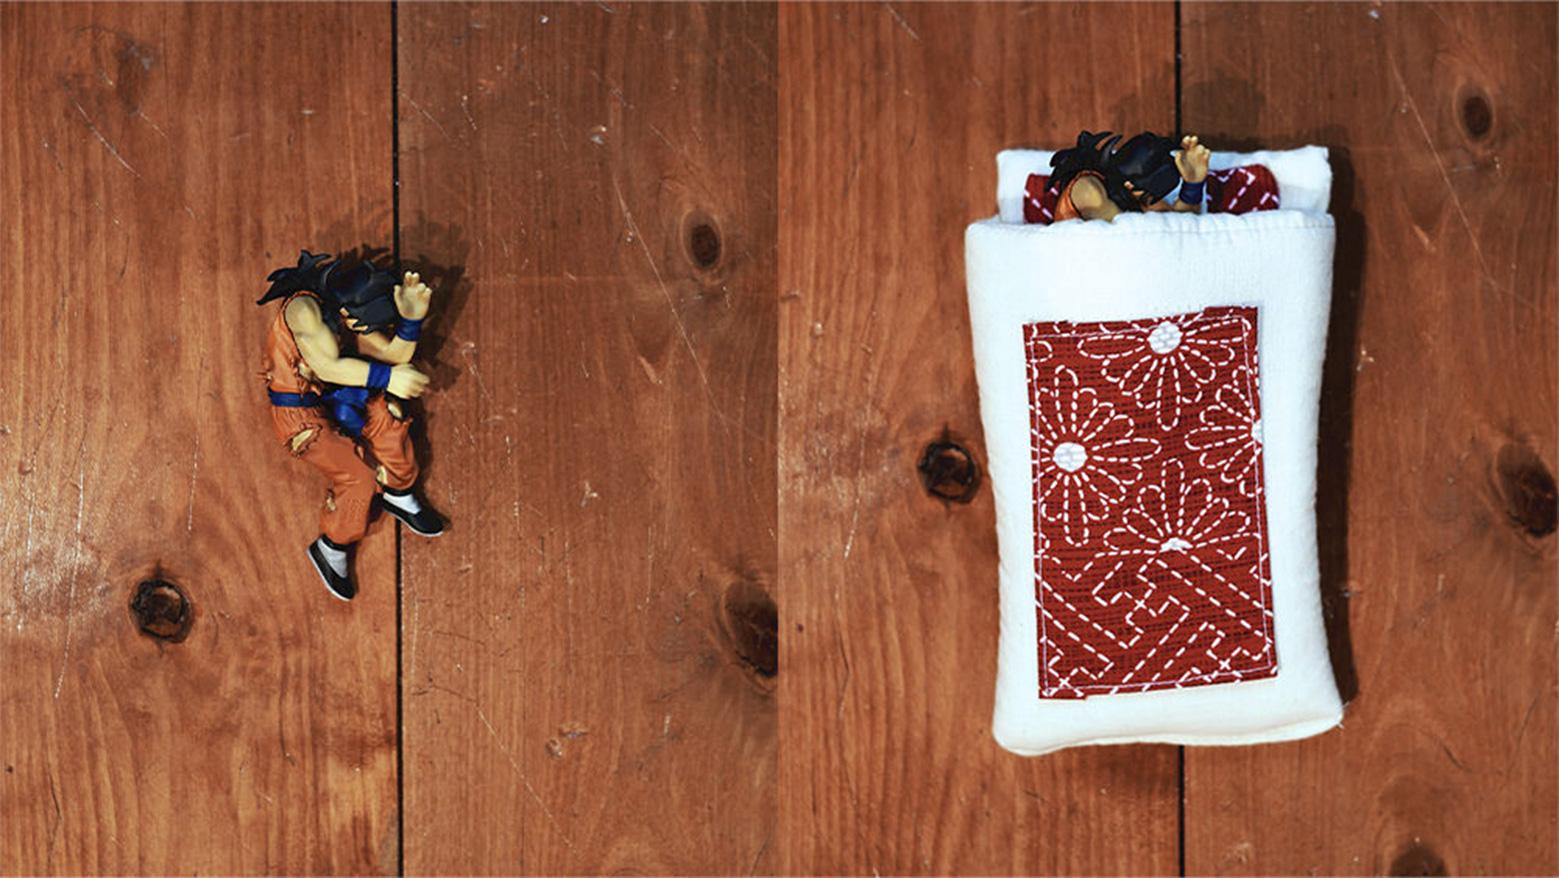 ぬいやフィギュア用のオリジナルお布団が作れるサービス「FUTON」に注目!柄を変えて推しイメージのお布団も作れちゃう